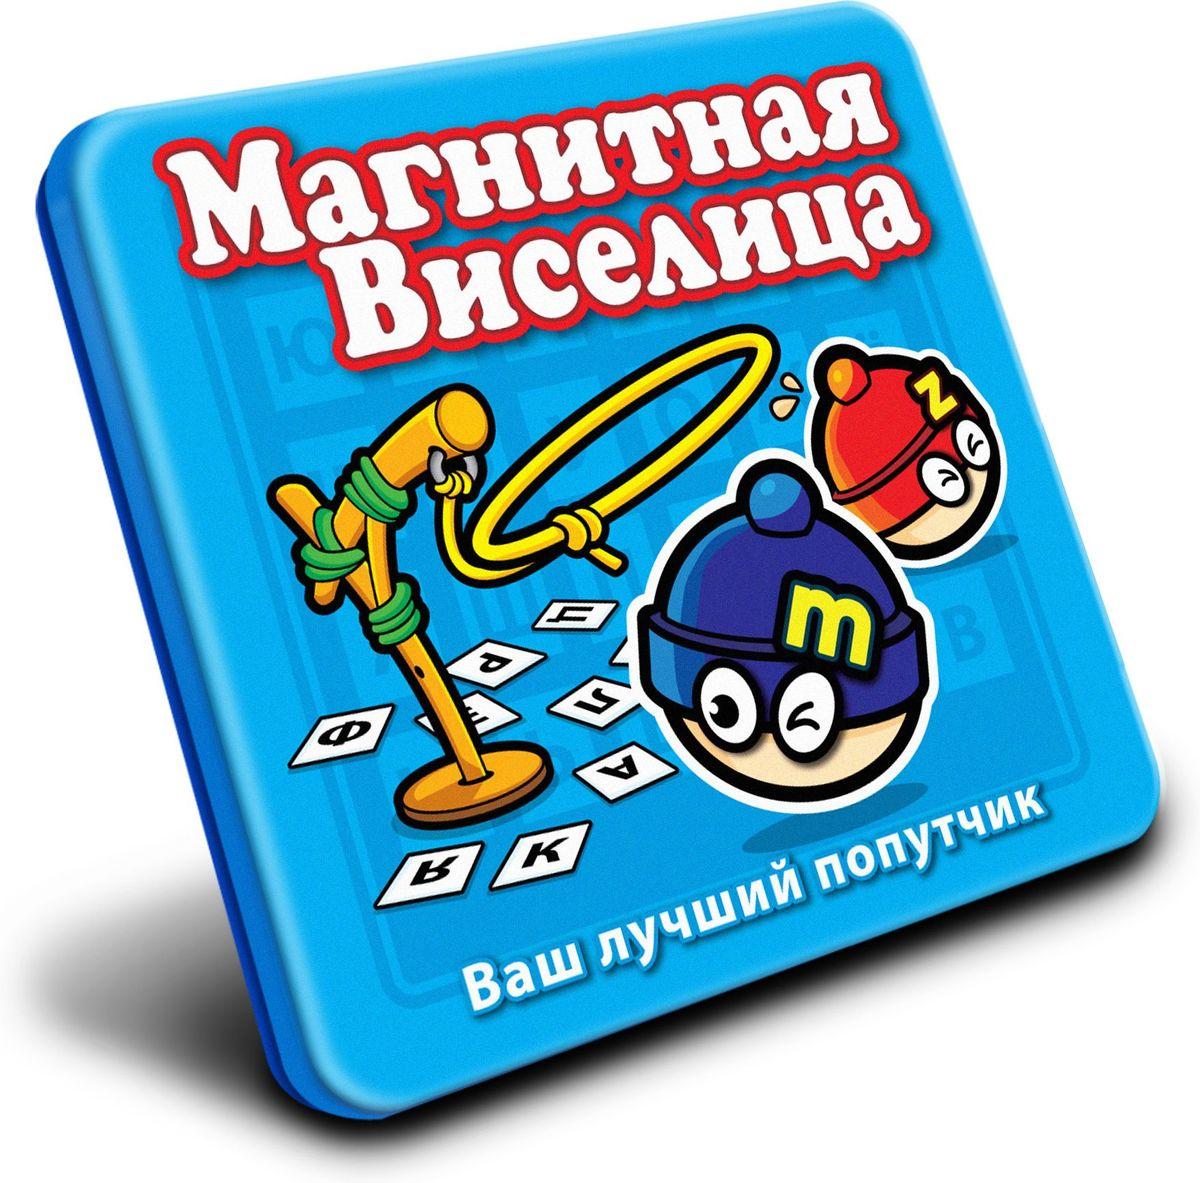 Mack & Zack Магнитная игра ВиселицаMT004Магнитная игра Mack & Zack Виселица - это игра для двух игроков, и, хотя идея о виселицах может показаться ужасной, но она также добавляет игре напряжения. Игрок пытается отгадать слово, заполняя пробелы буквами. Неудачные попытки могут приблизить Мака к повешению. Пожалуйста, спасите Мака!